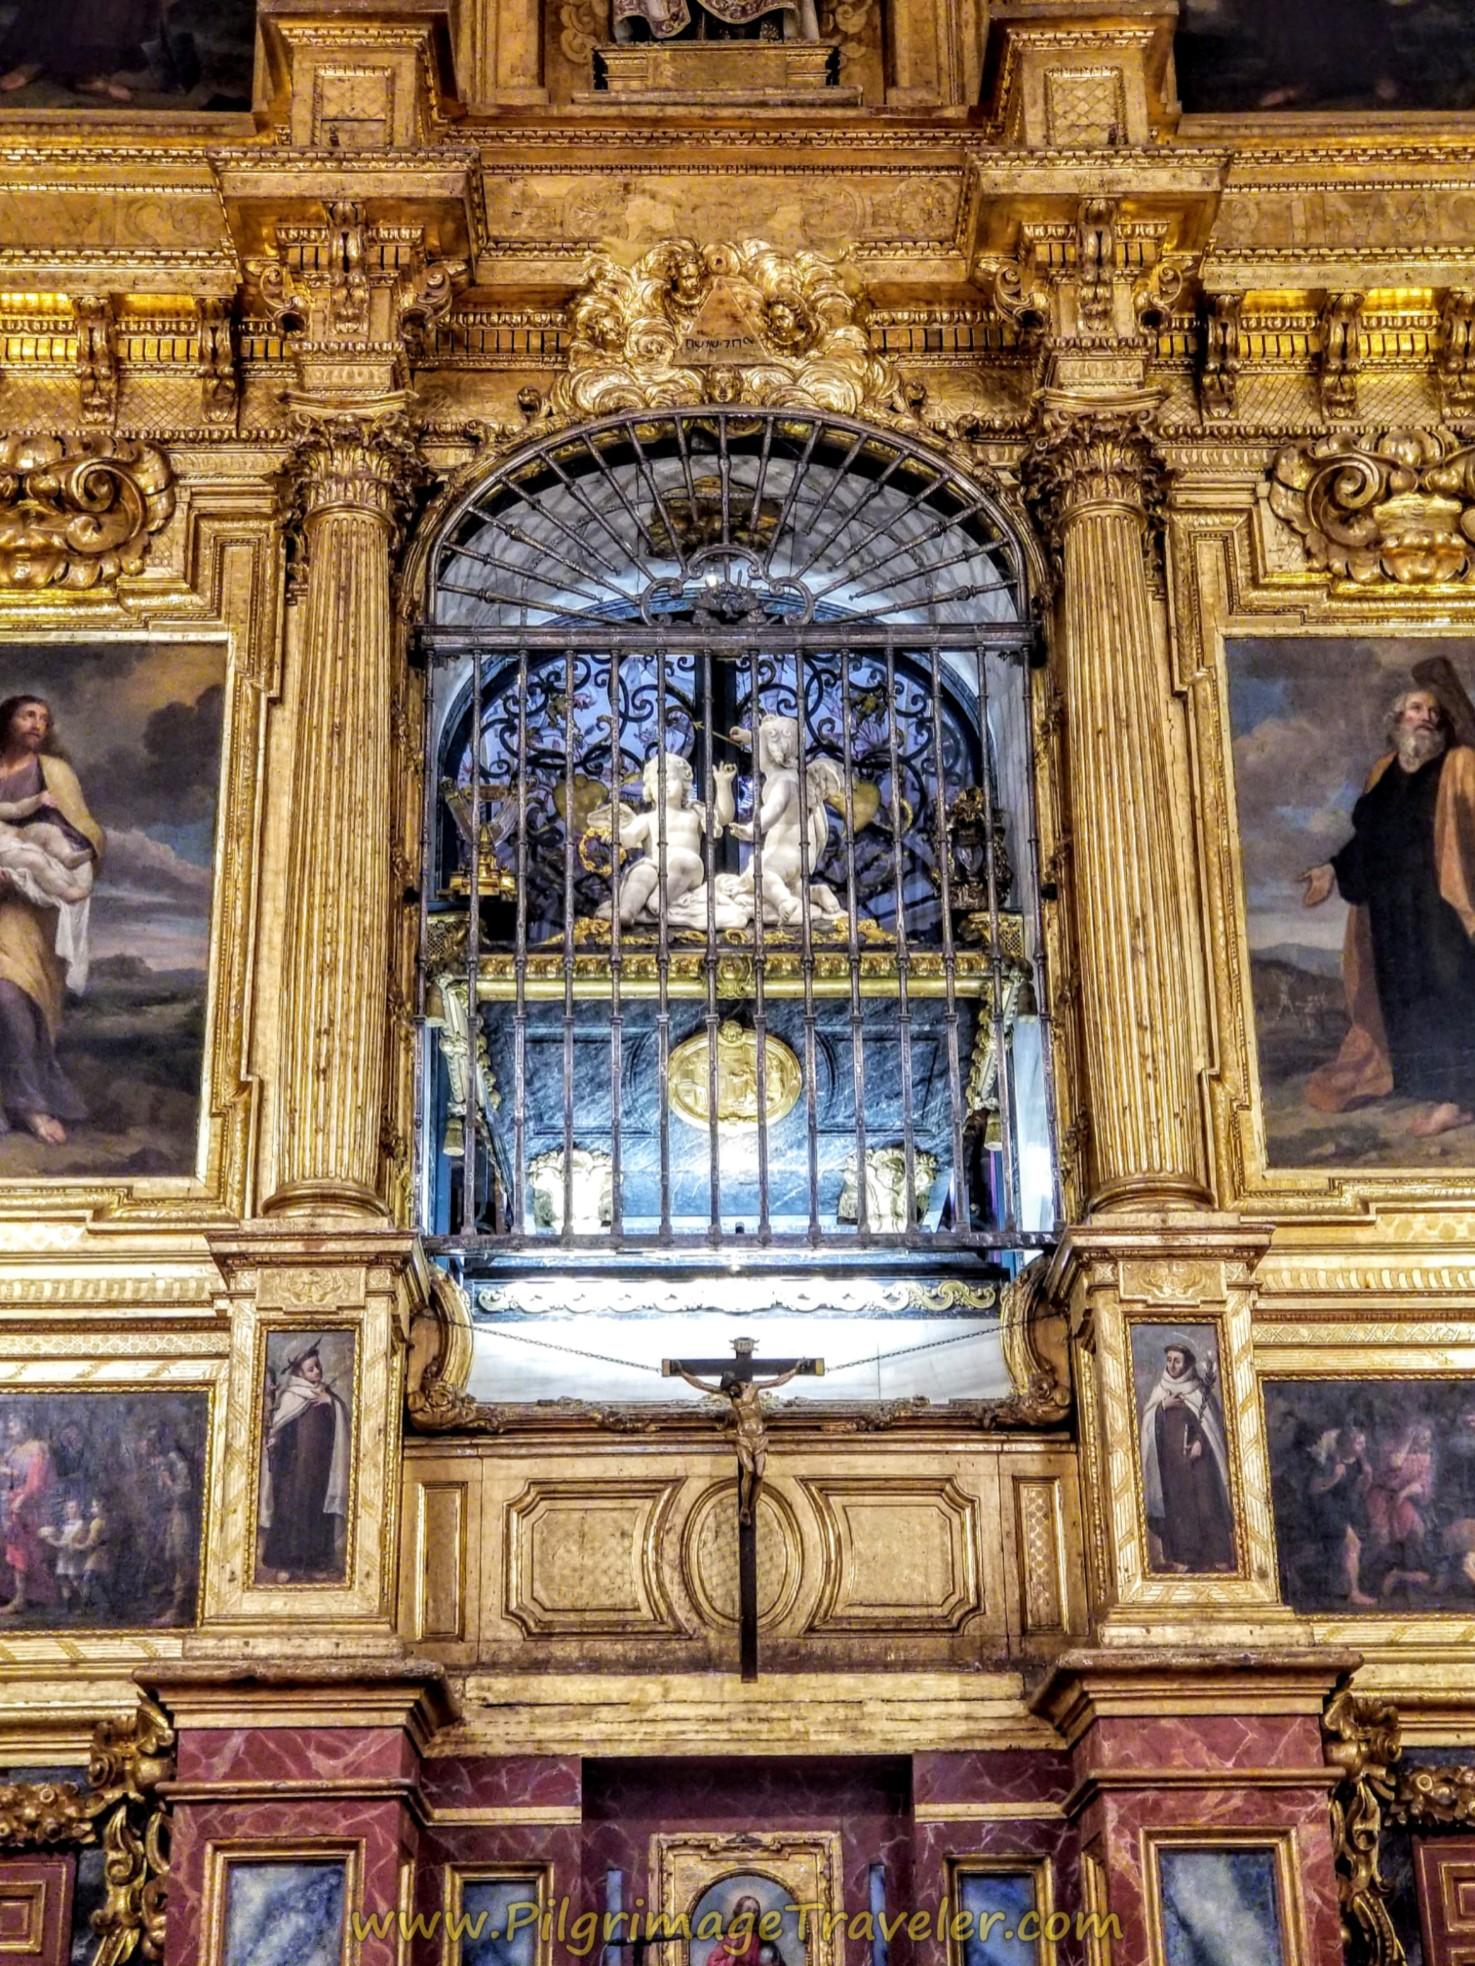 Close Up of the Tomb of Santa Teresa de Jesús, Iglesia de Anunciación, Alba de Tormes